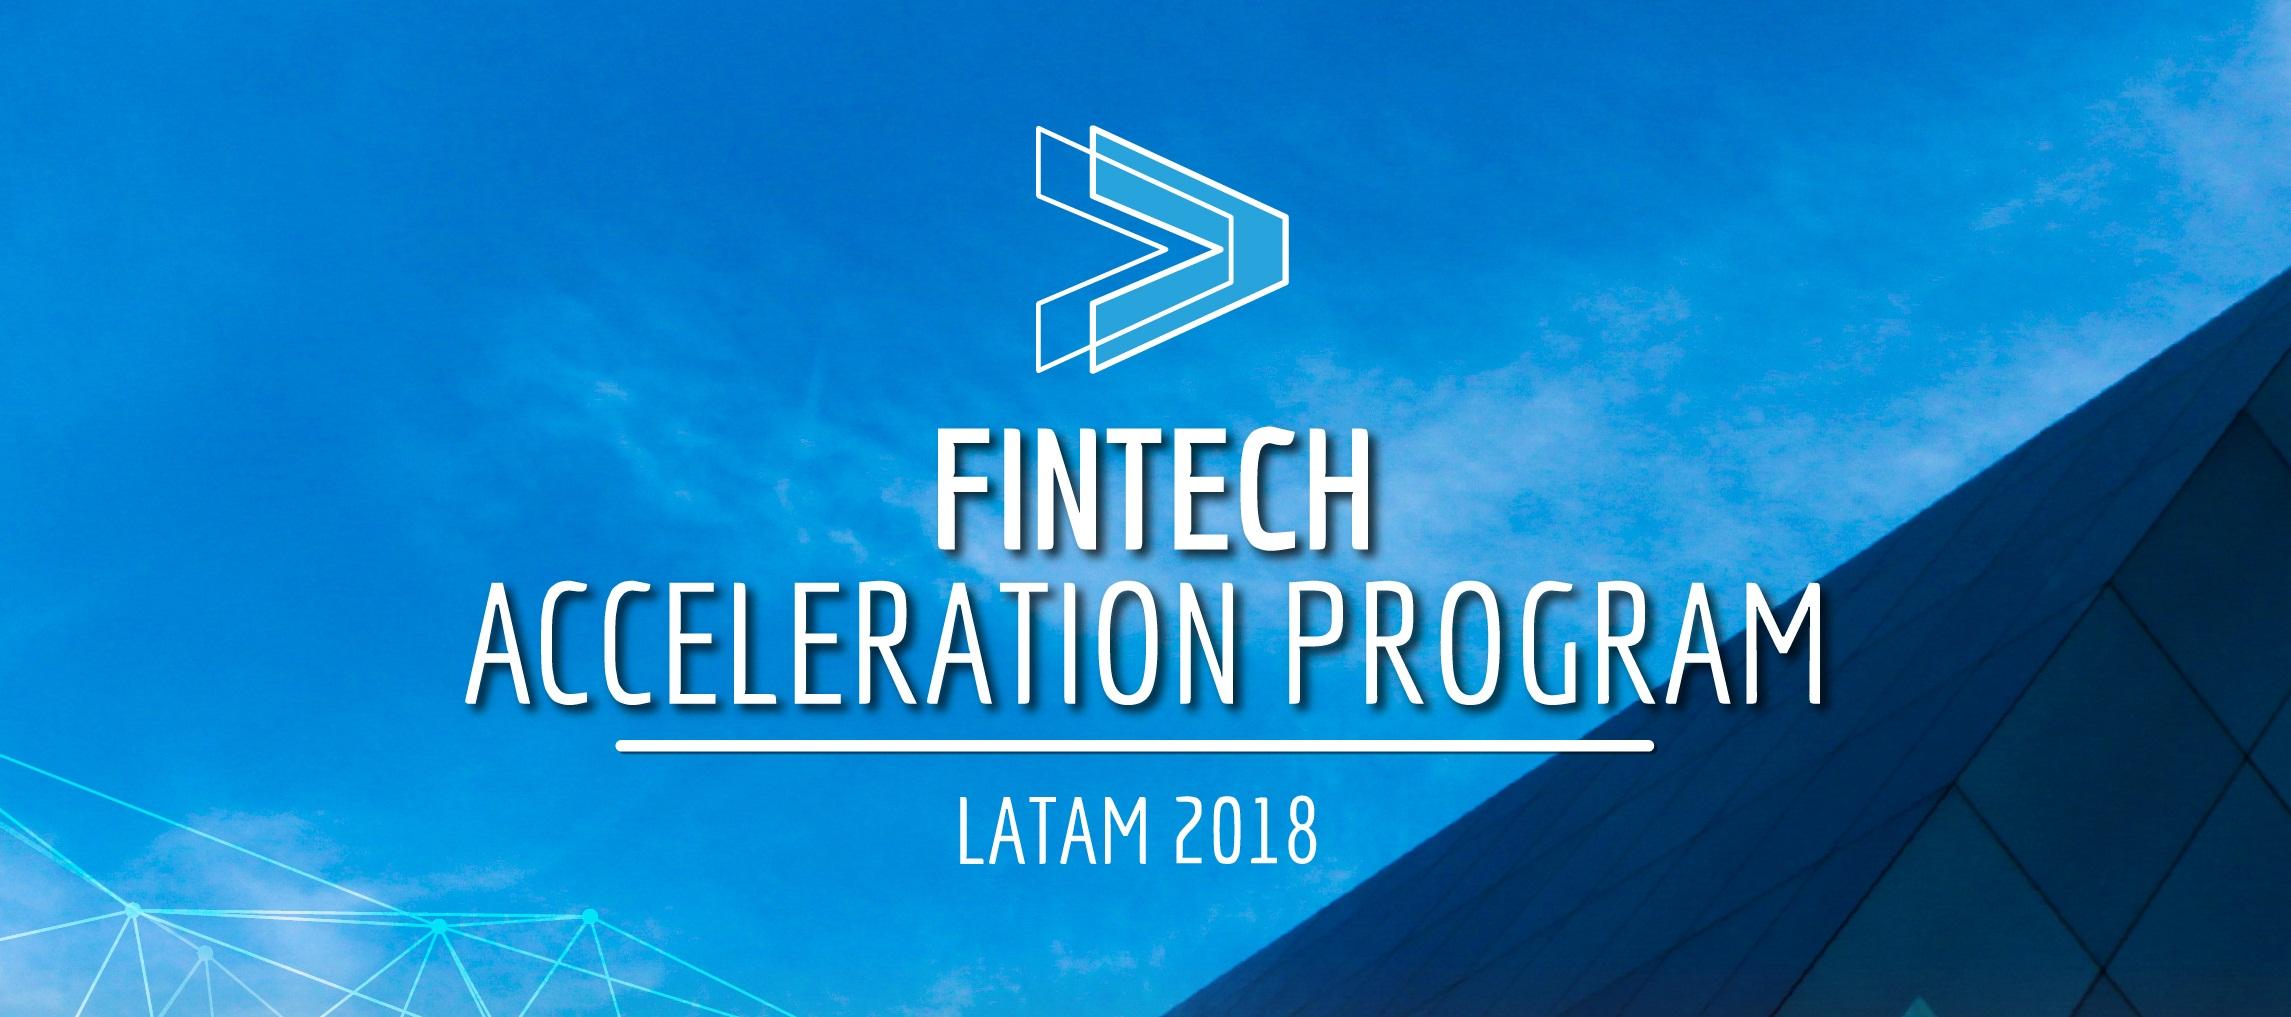 fintech-acelerador-américa latina-programa-blockchain-criptomonedas